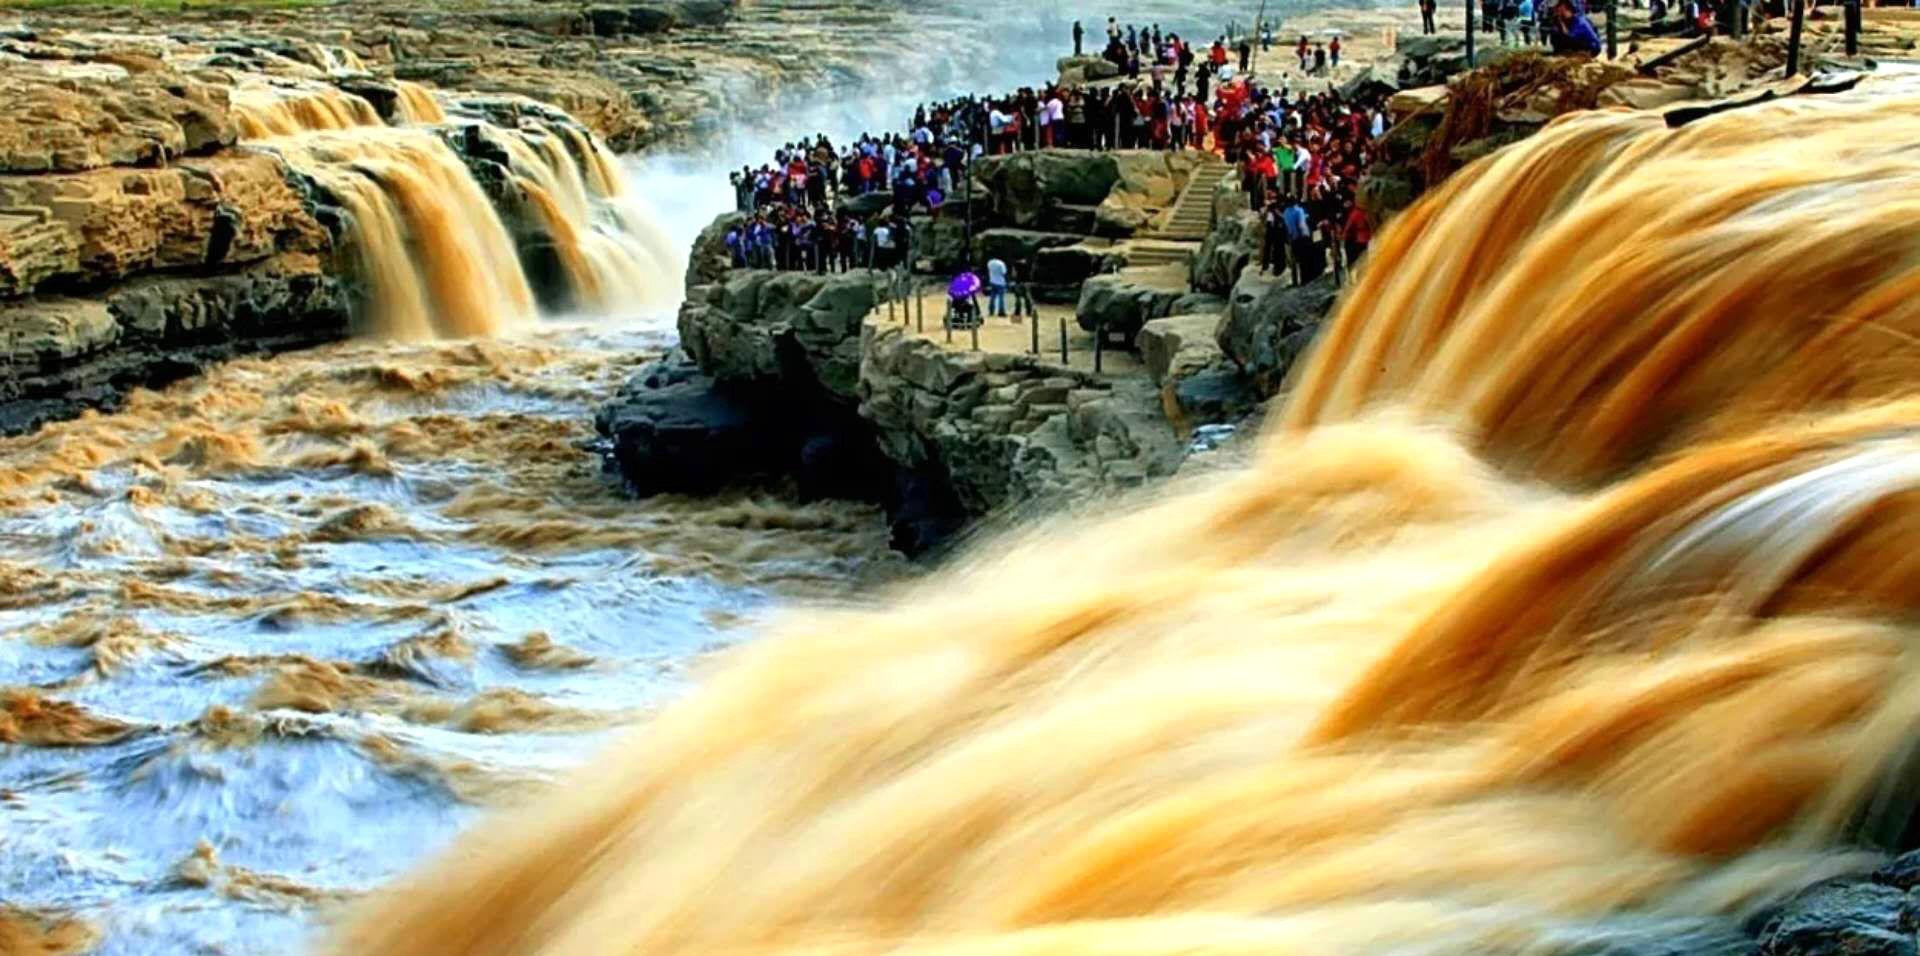 黄河壶口瀑布,延川乾坤湾,靖边波浪谷,甘泉大峡谷8日摄影团